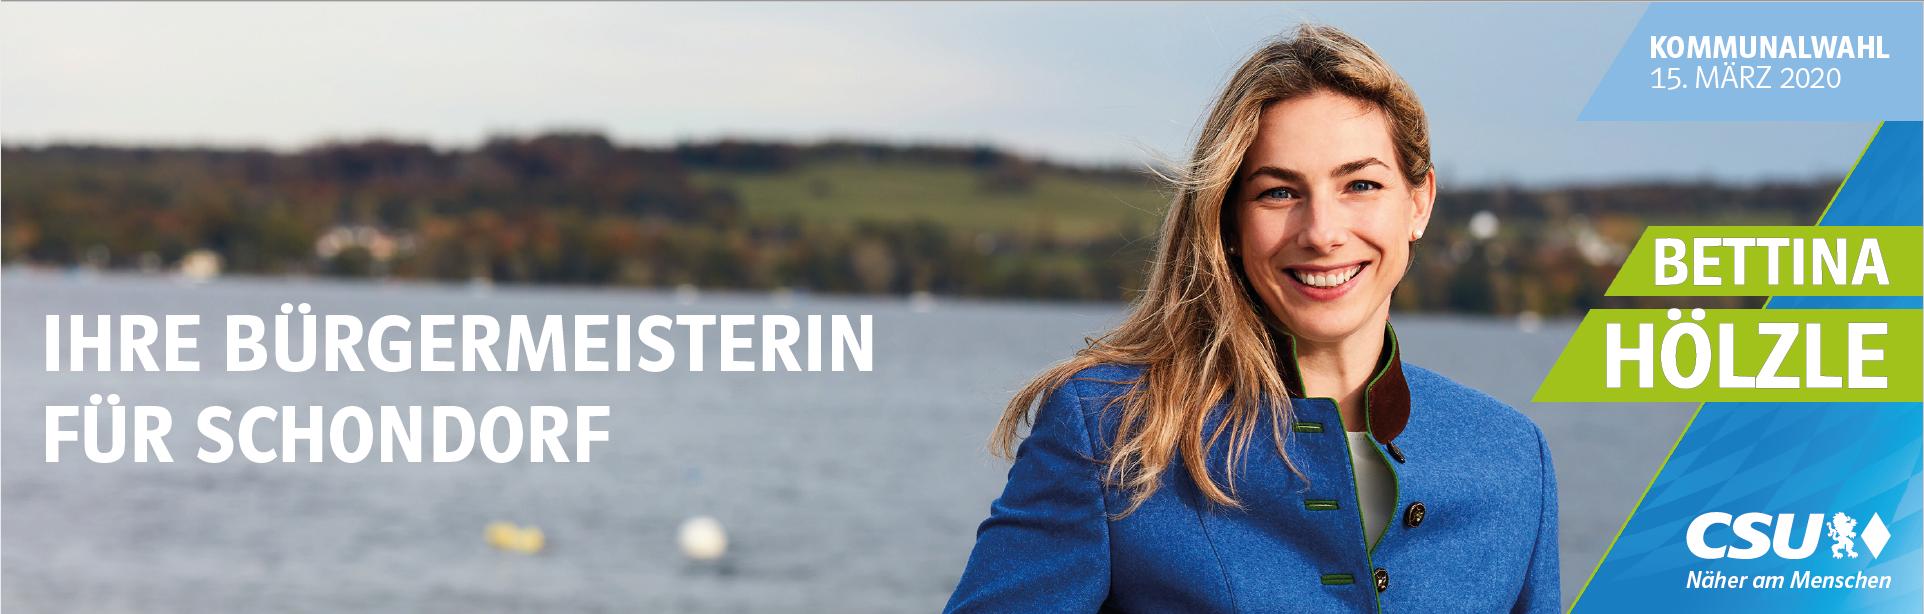 Bettina Hölzle - Fraktionsvorsitzende der CSU Schondorf am Ammerseee